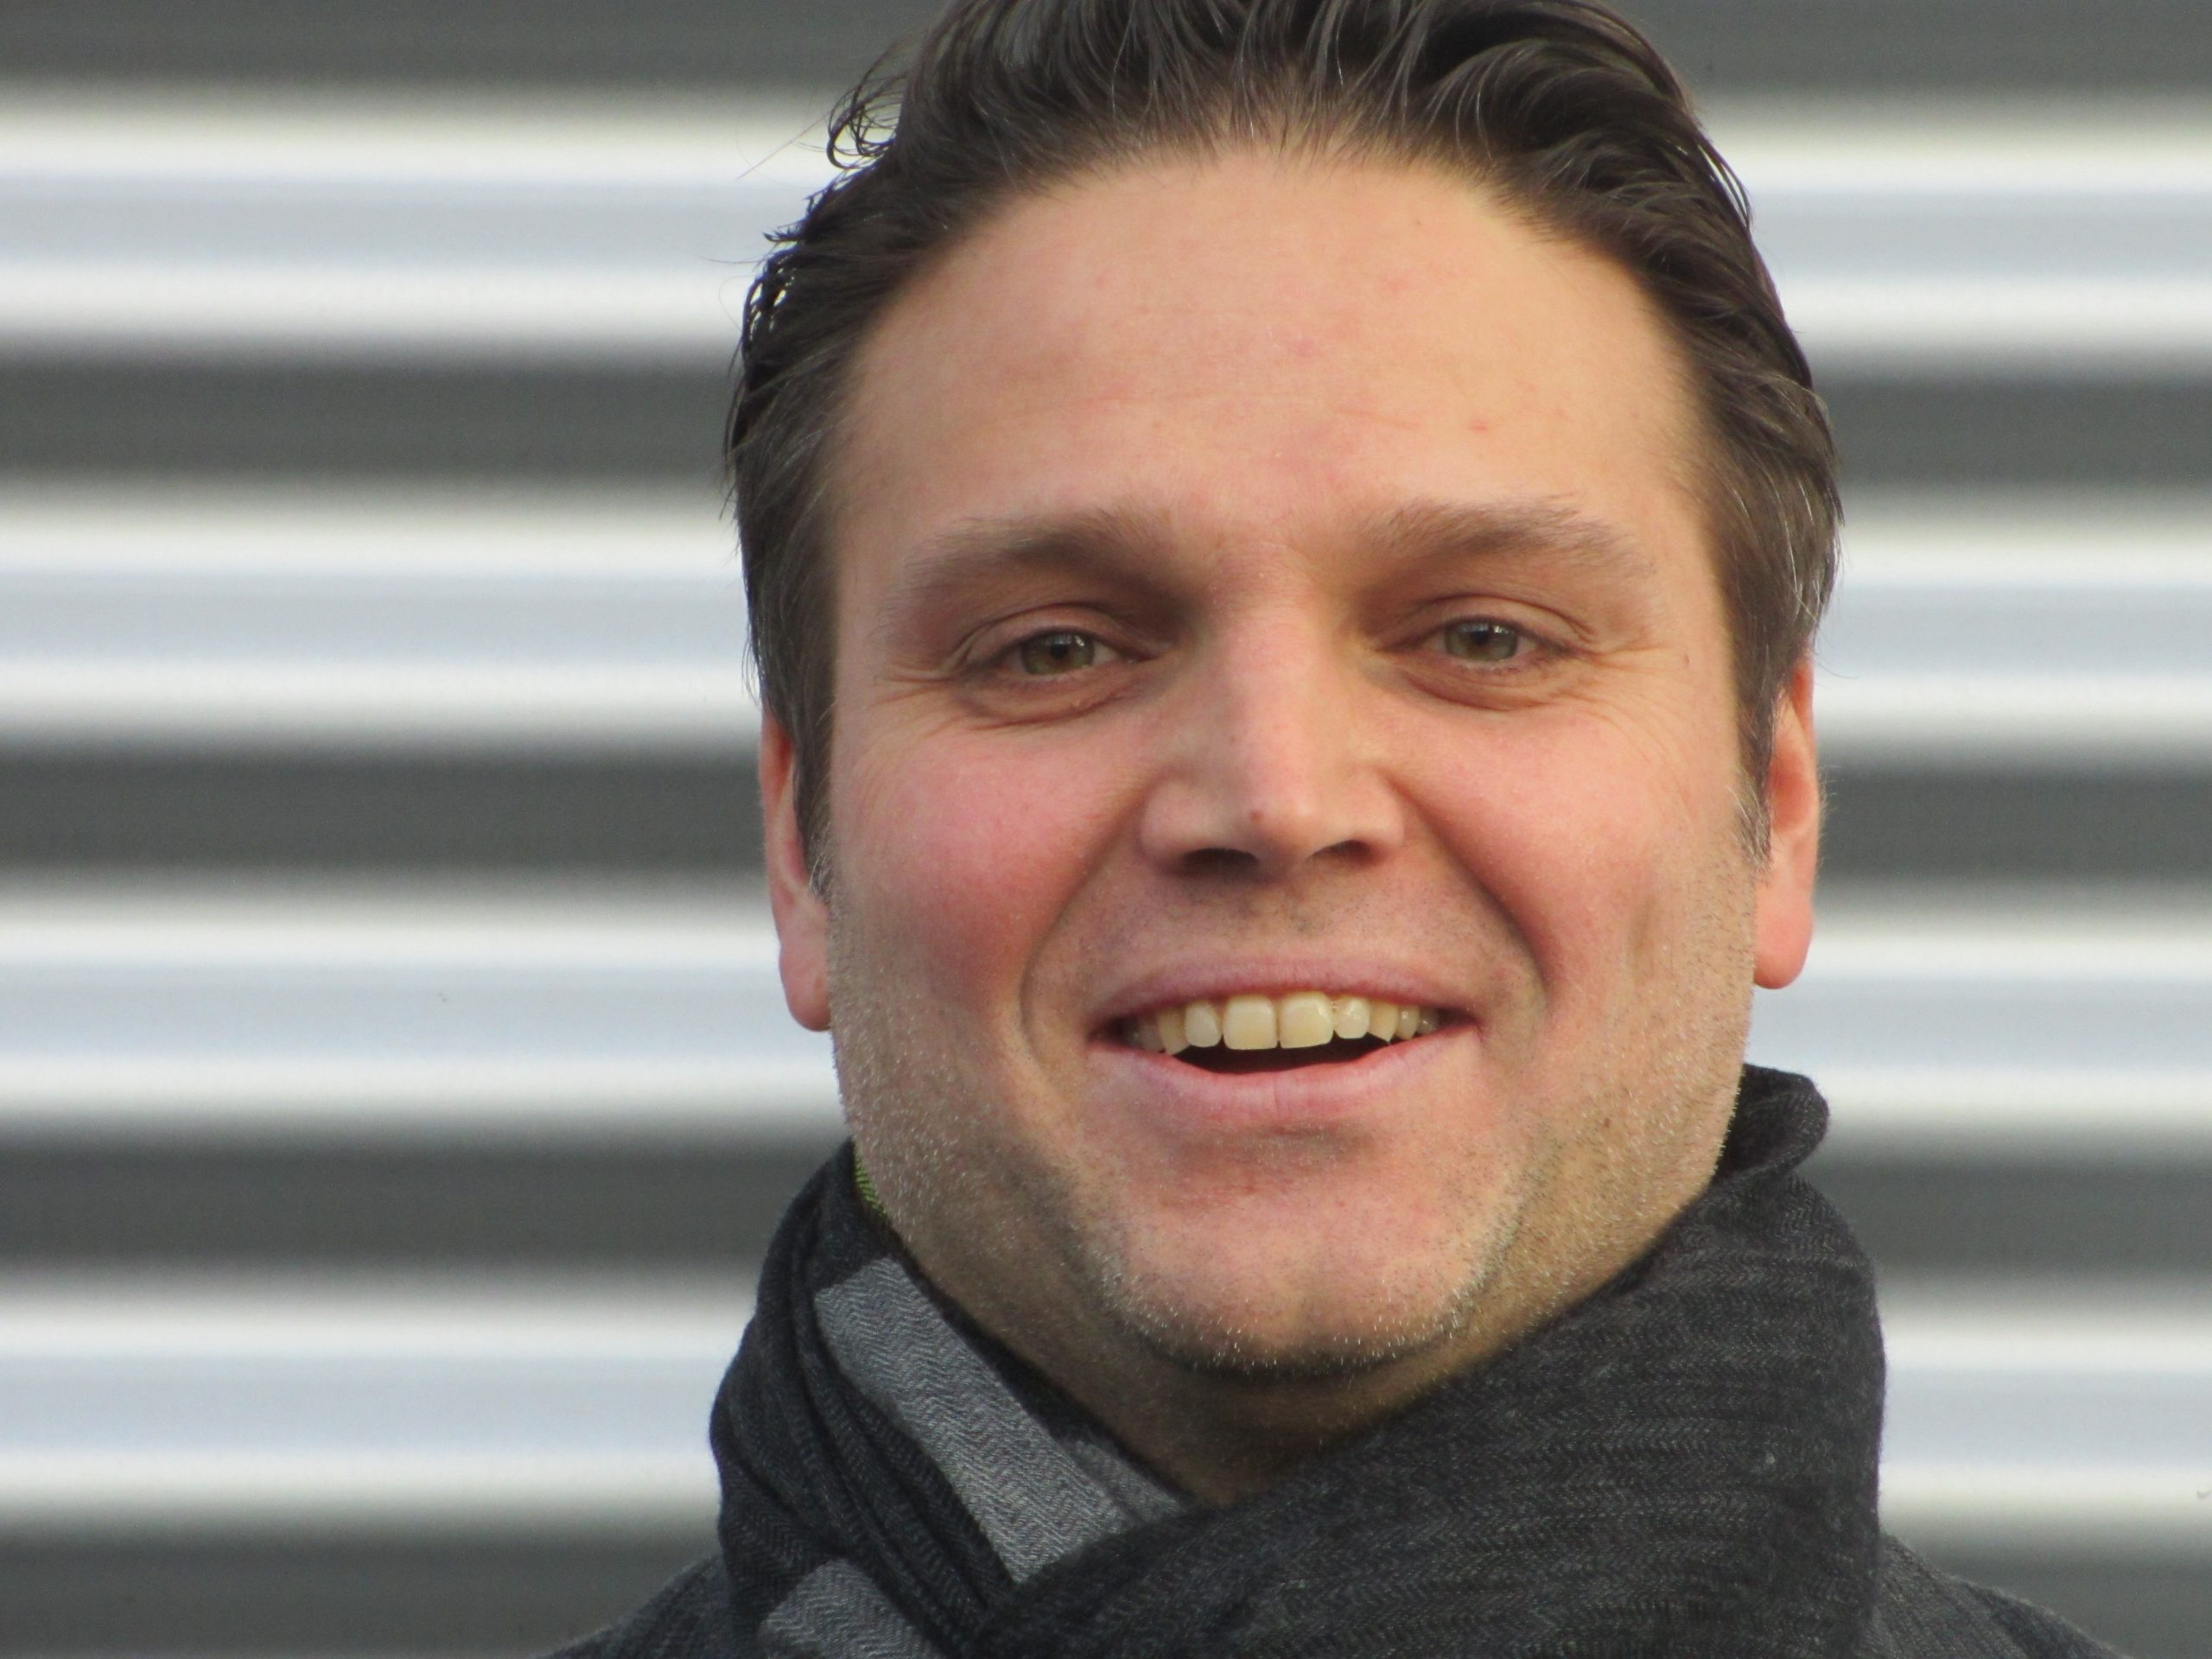 Hans Vermeesch